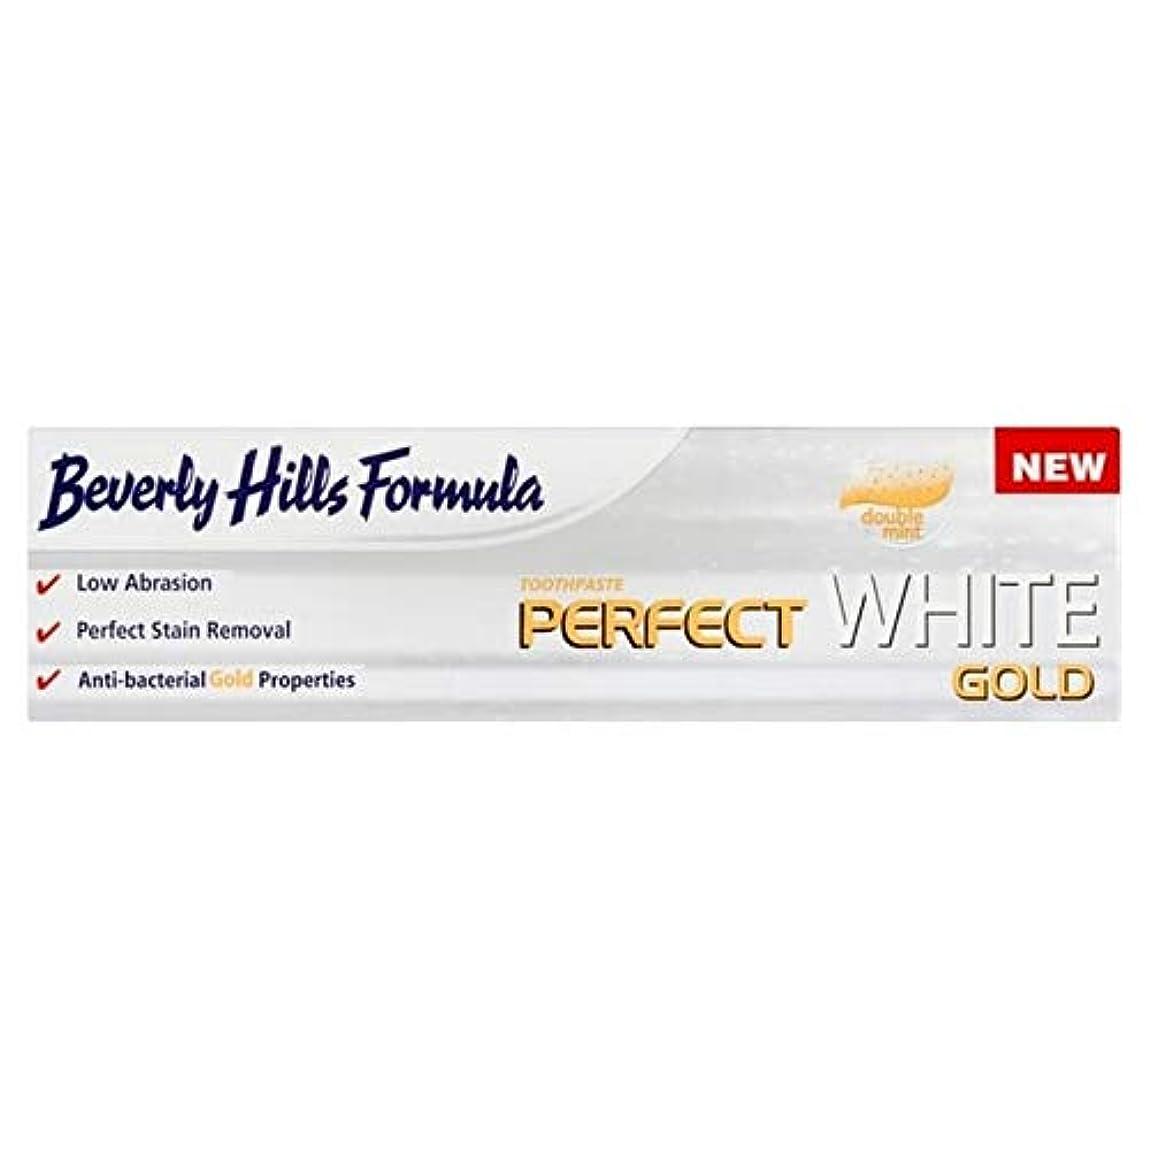 子孫コウモリ懐疑論[Beverly Hills ] ビバリーヒルズ公式パーフェクトホワイトゴールドの100ミリリットル - Beverly Hills Formula Perfect White Gold 100ml [並行輸入品]